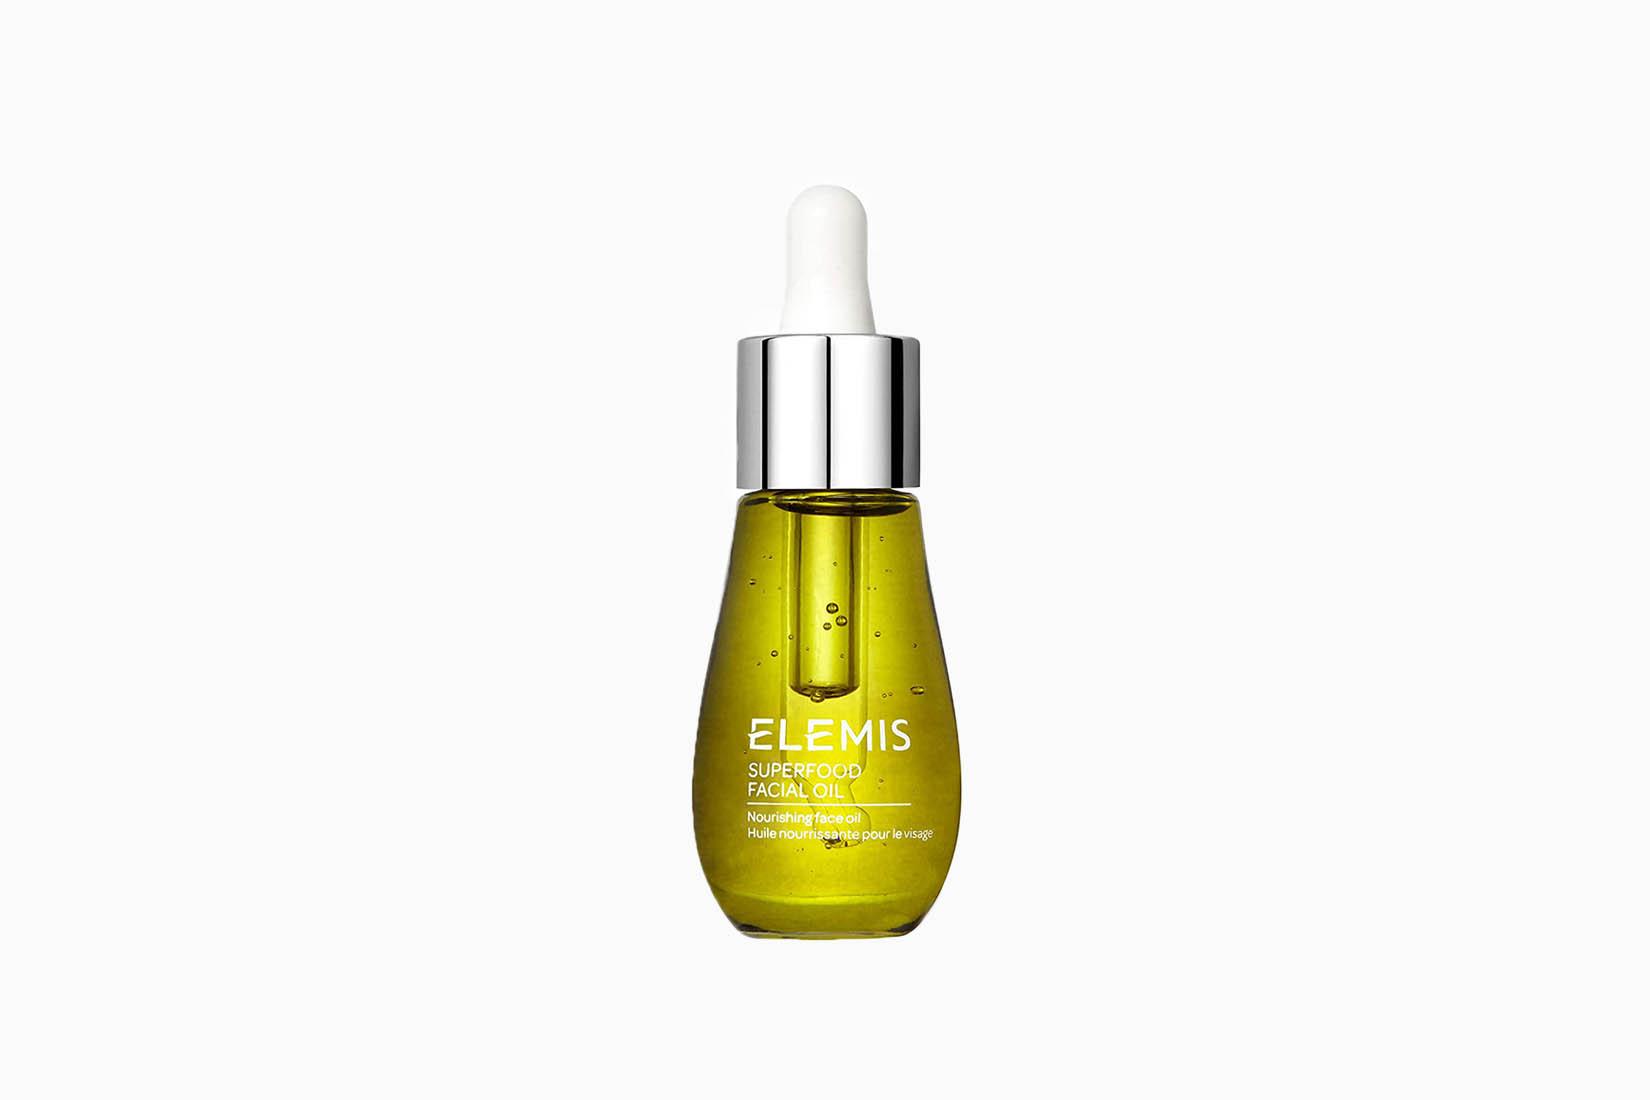 Best Face Oils Elemis Review - Luxe Digital